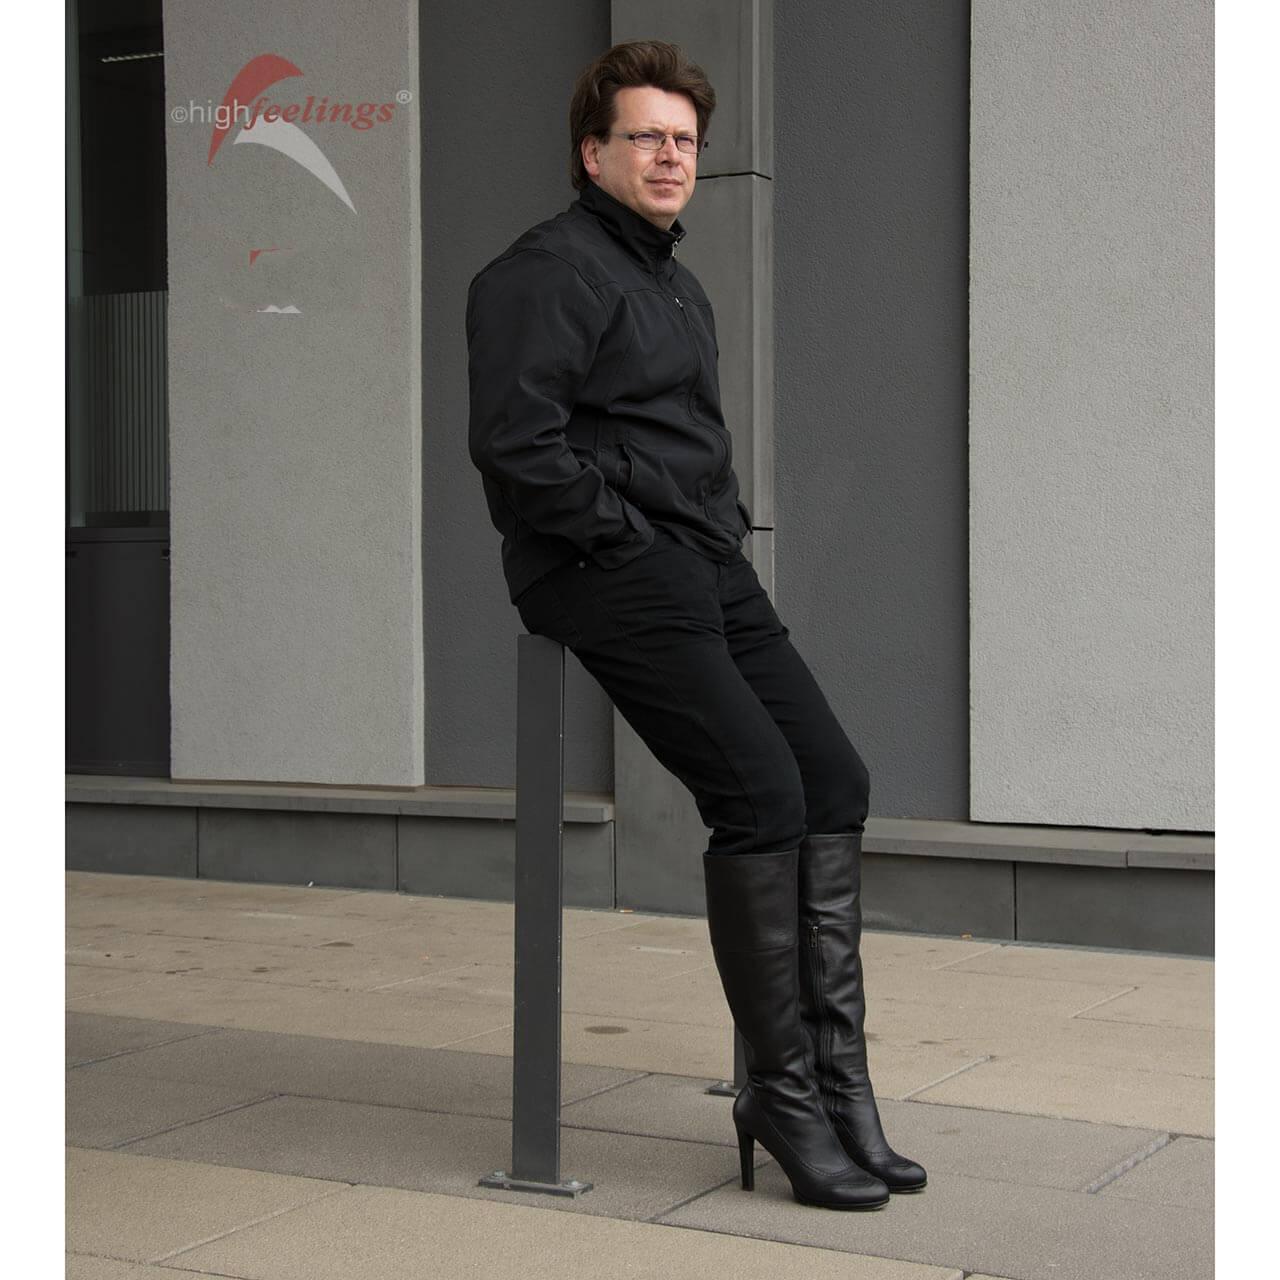 new style c9ba0 caee7 Stiefel mit hohem Absatz für Männer | high feelings